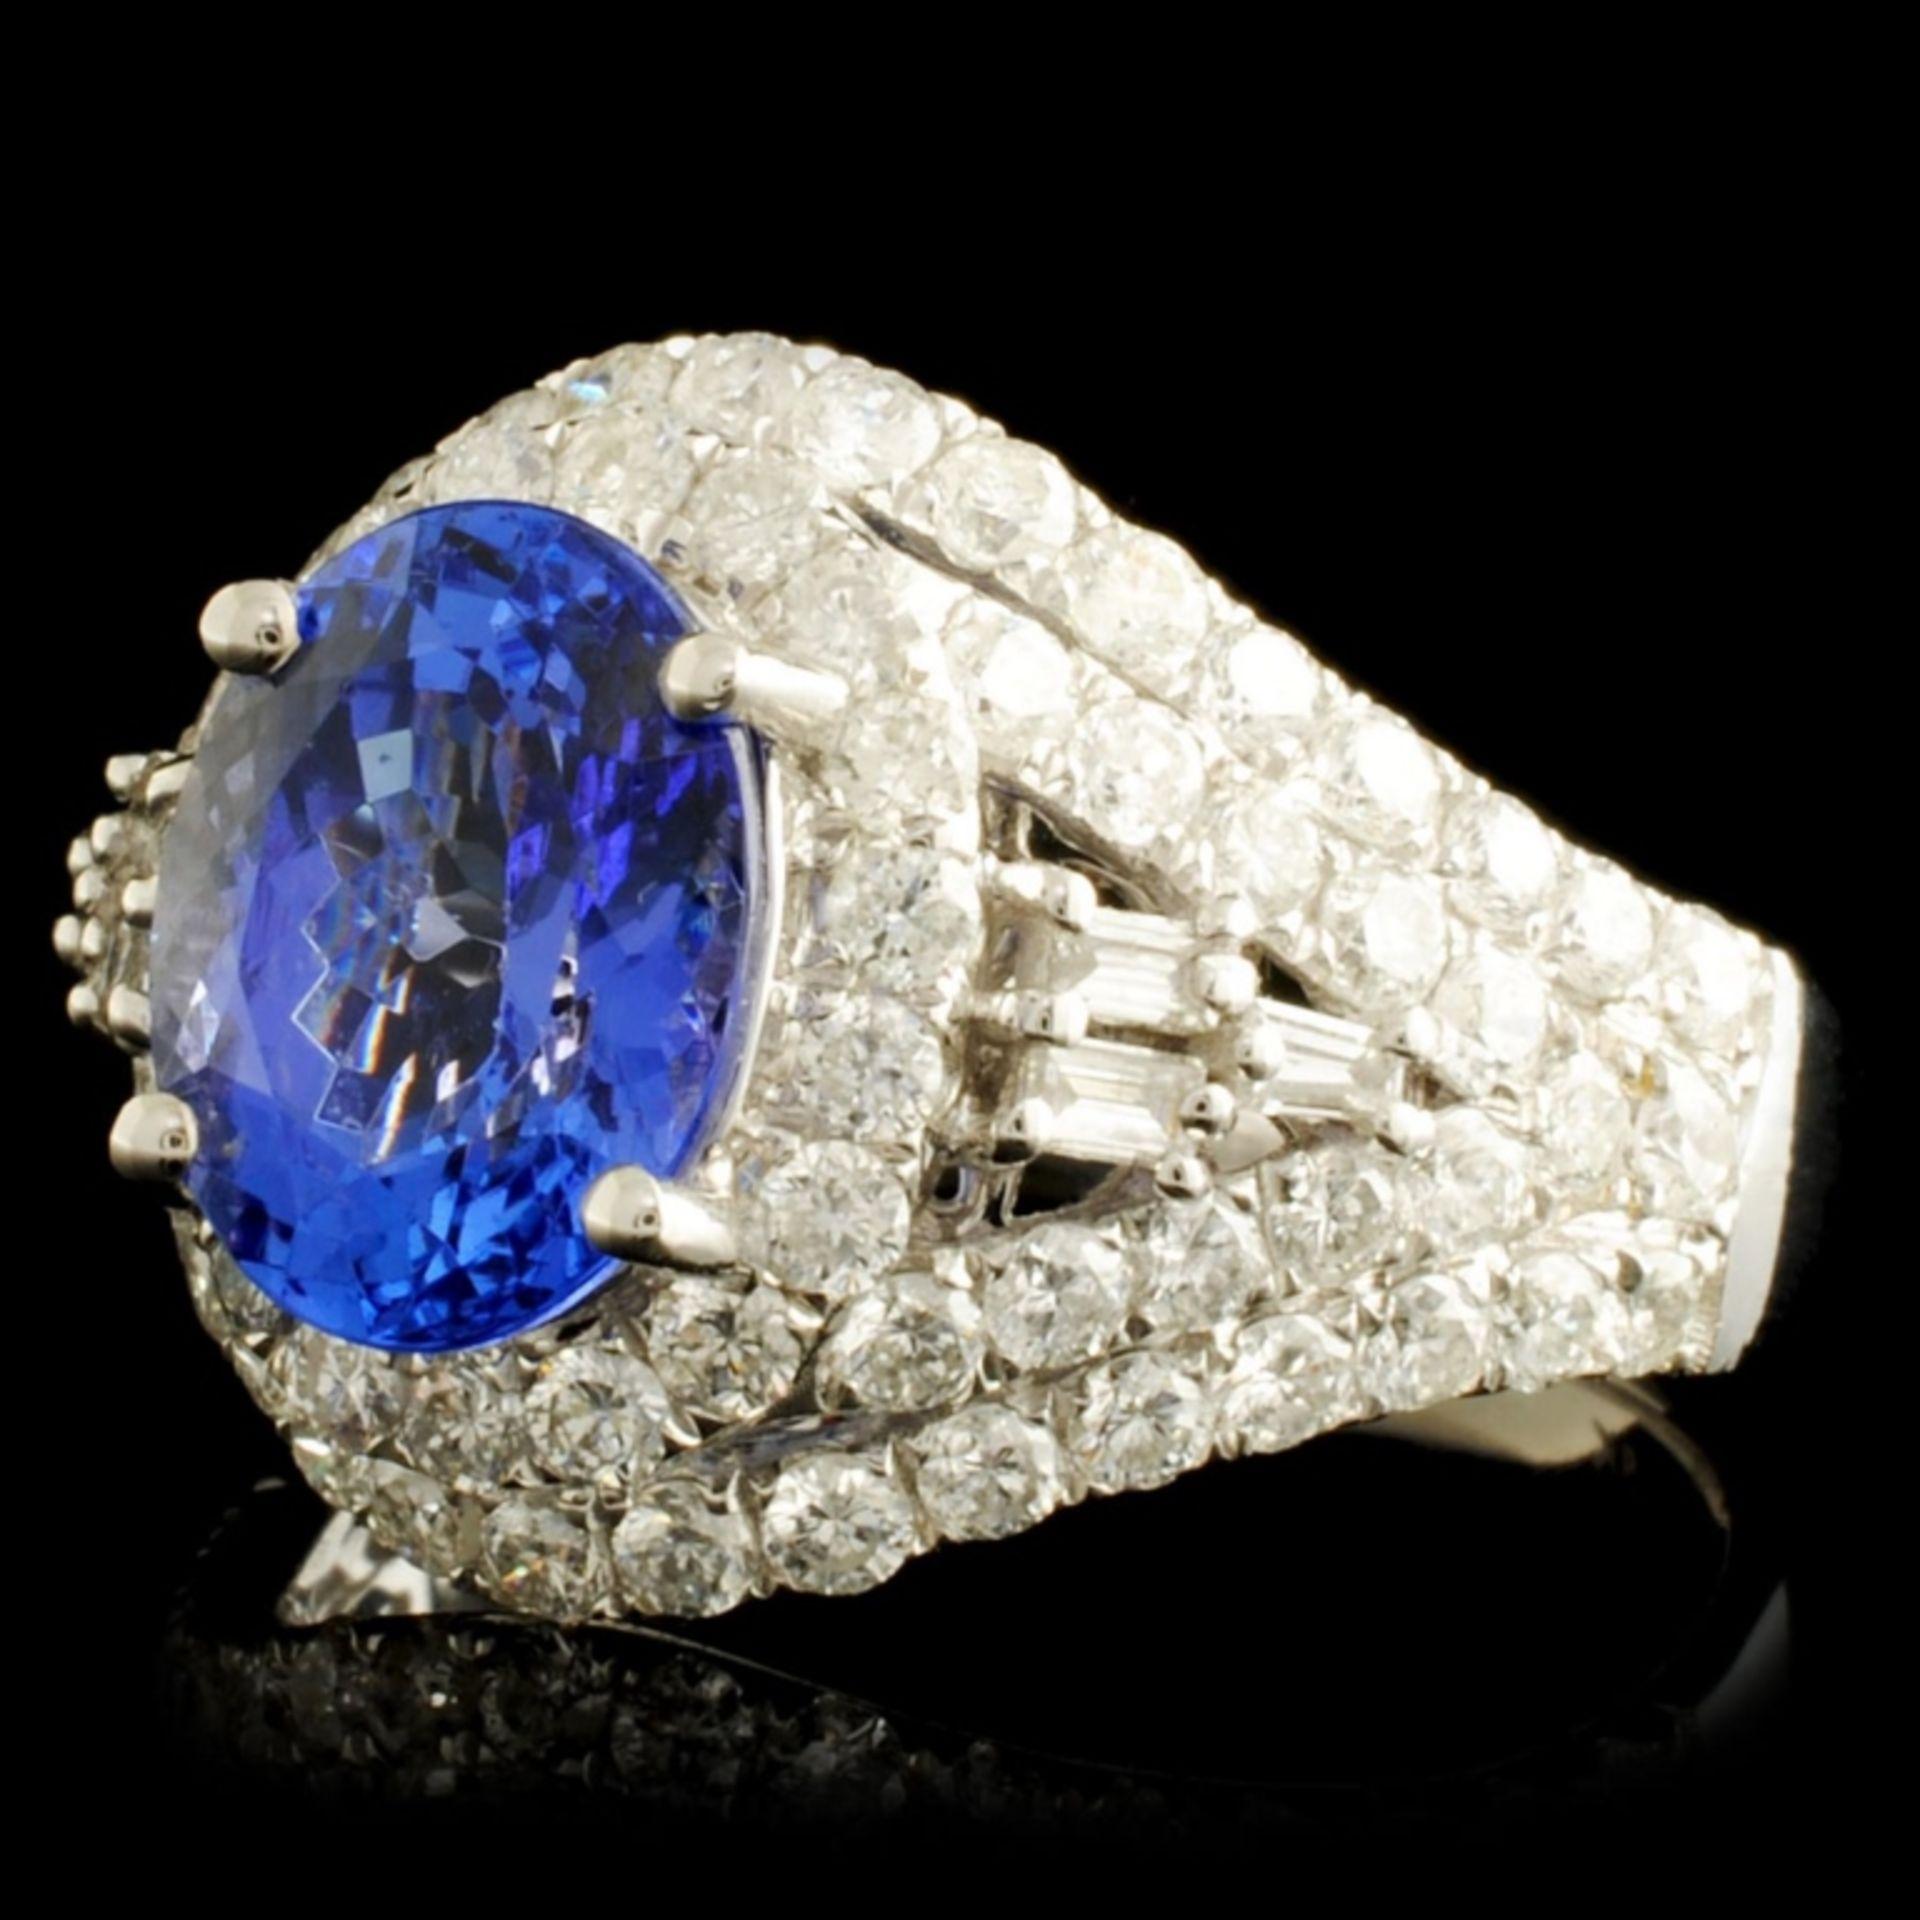 18K Gold 2.69ct Tanzanite & 1.65ctw Diamond Ring - Image 2 of 5